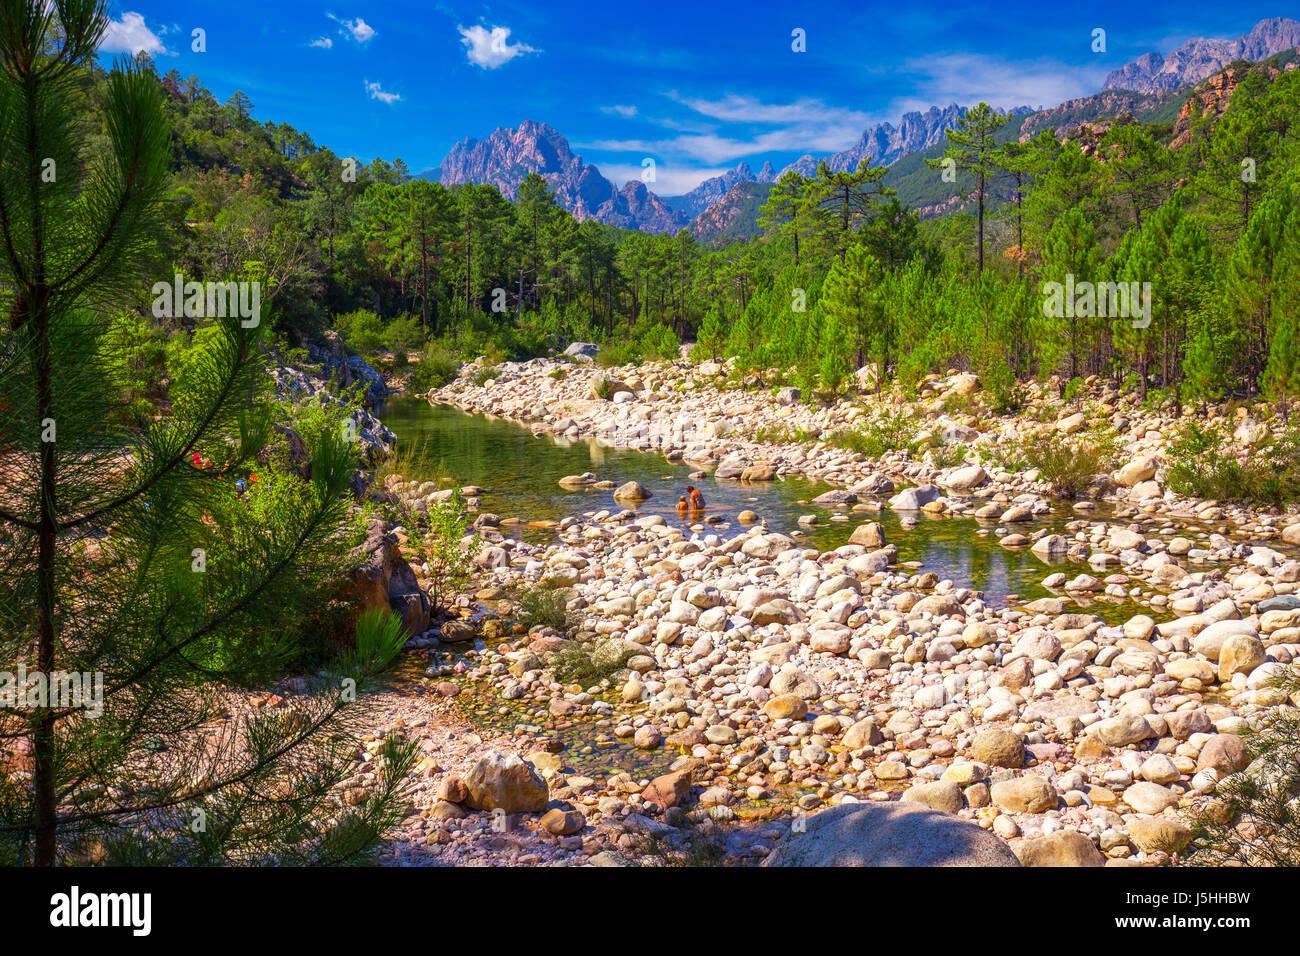 Alberi di pino al Col de Bavella montagne vicino Zonza town, Corsica, Francia, Europa. Immagini Stock